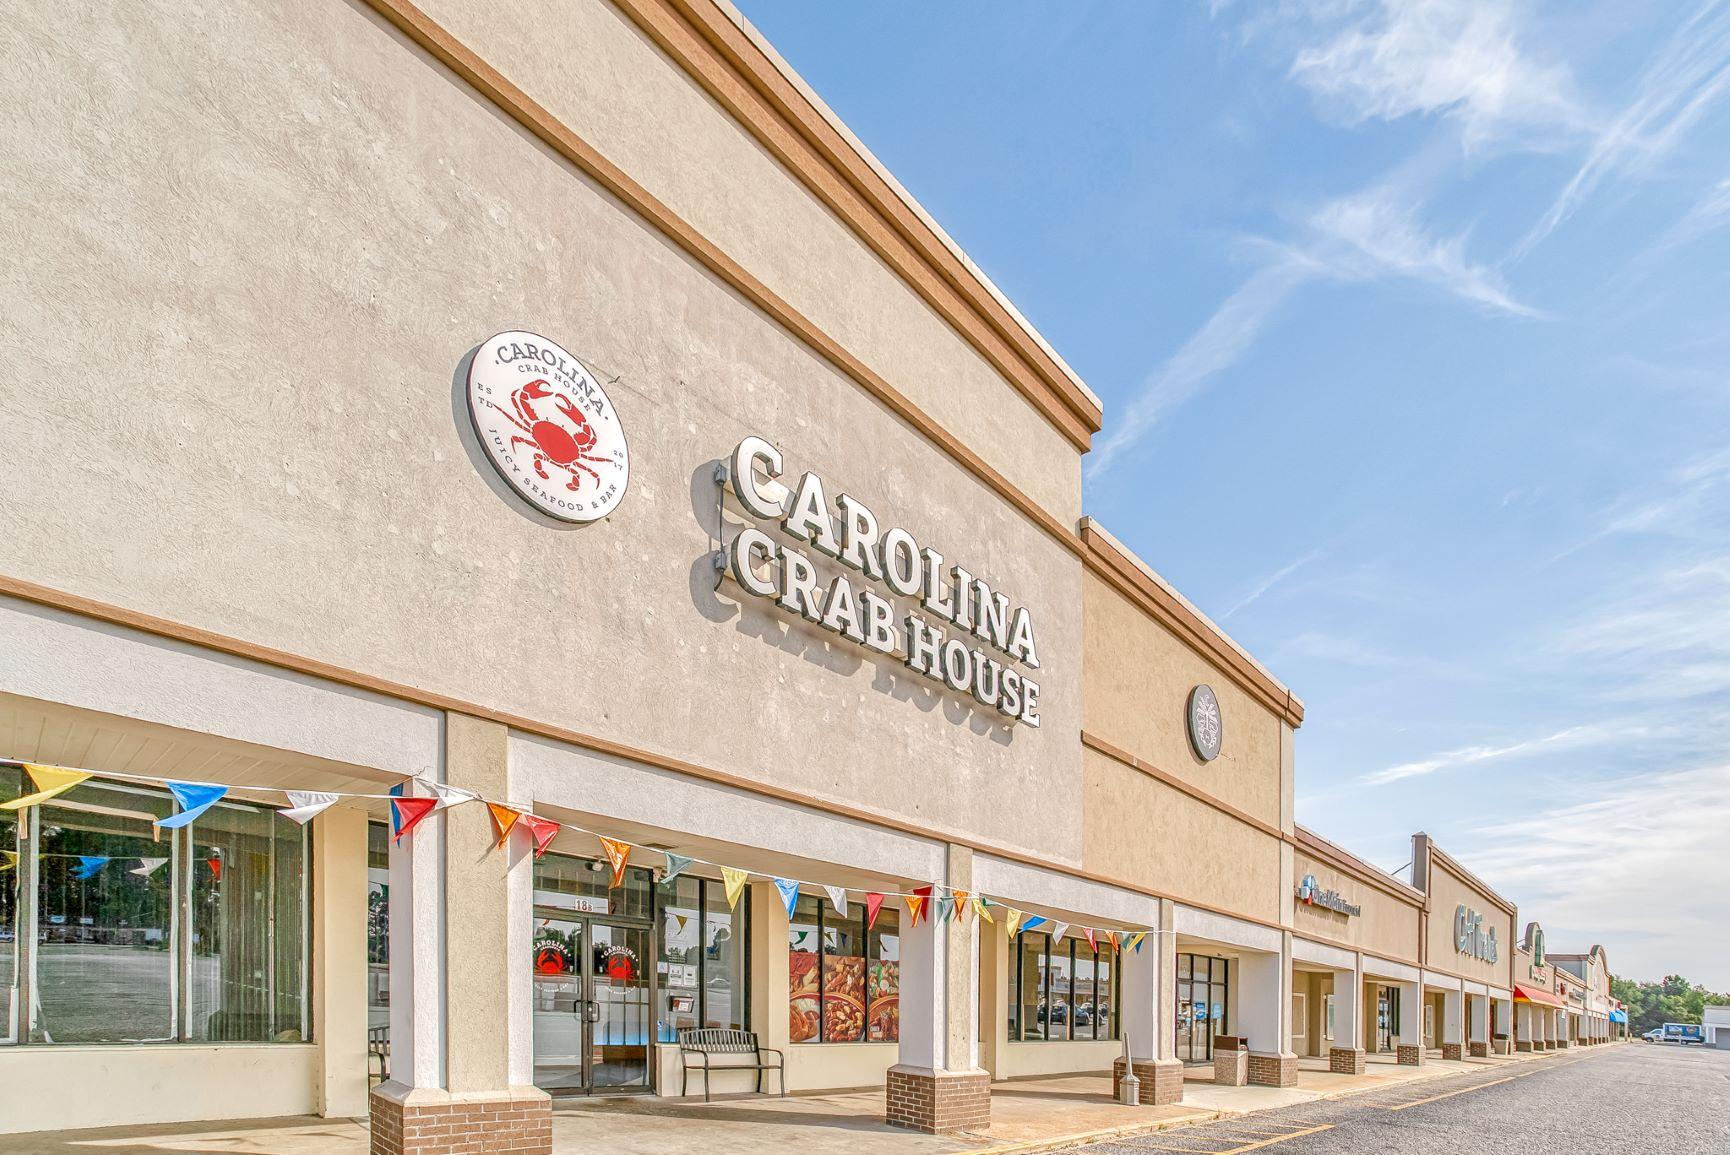 Wesmark Plaza - Carolina Crabhouse